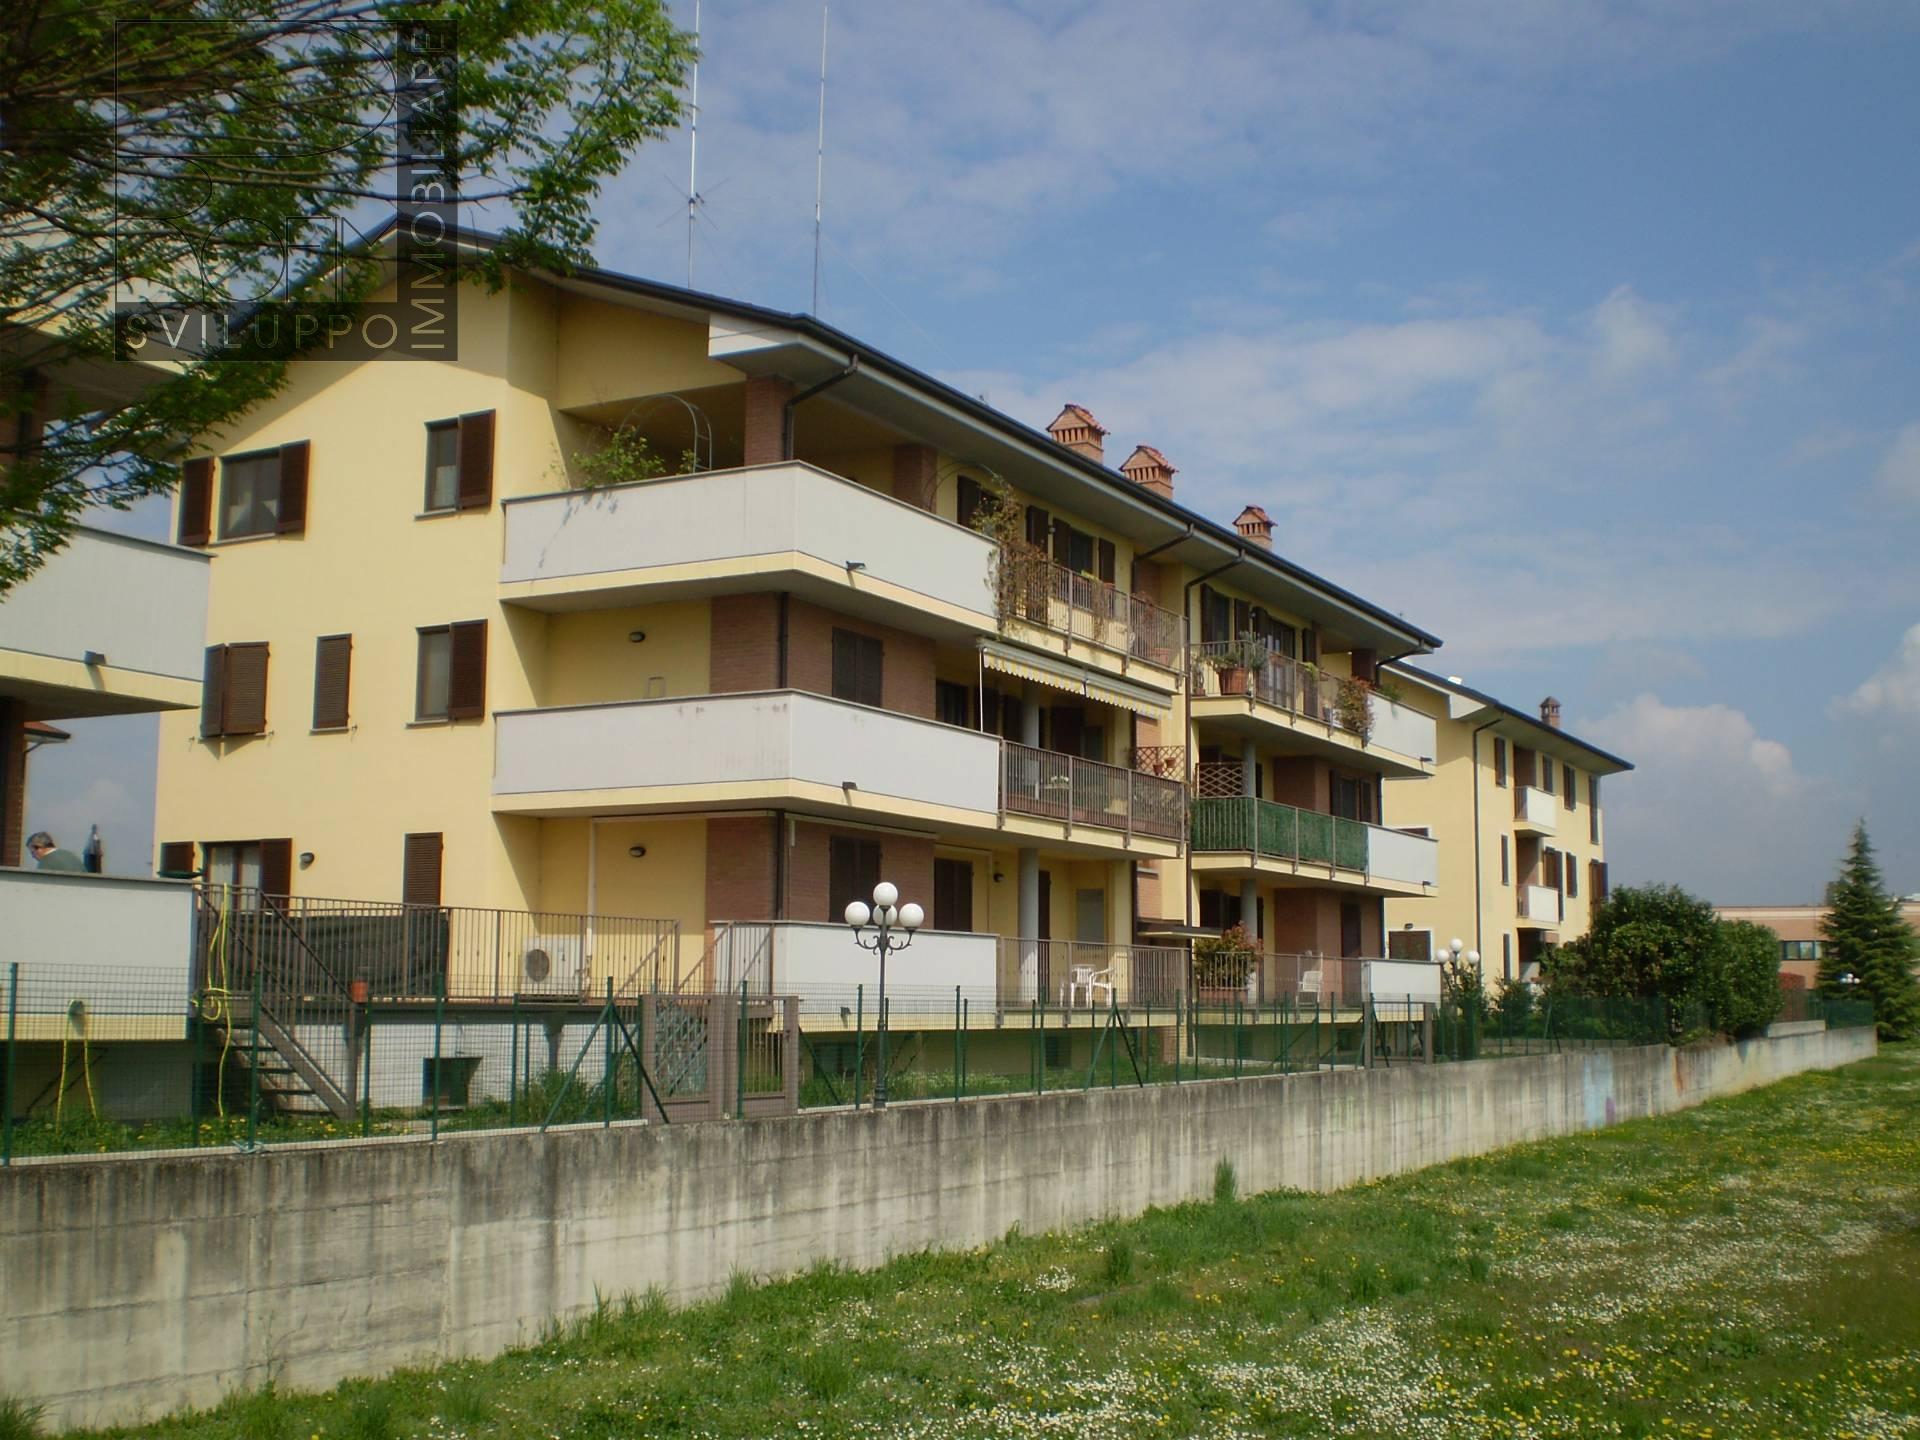 Appartamento in affitto a Spino d'Adda, 2 locali, prezzo € 480 | CambioCasa.it